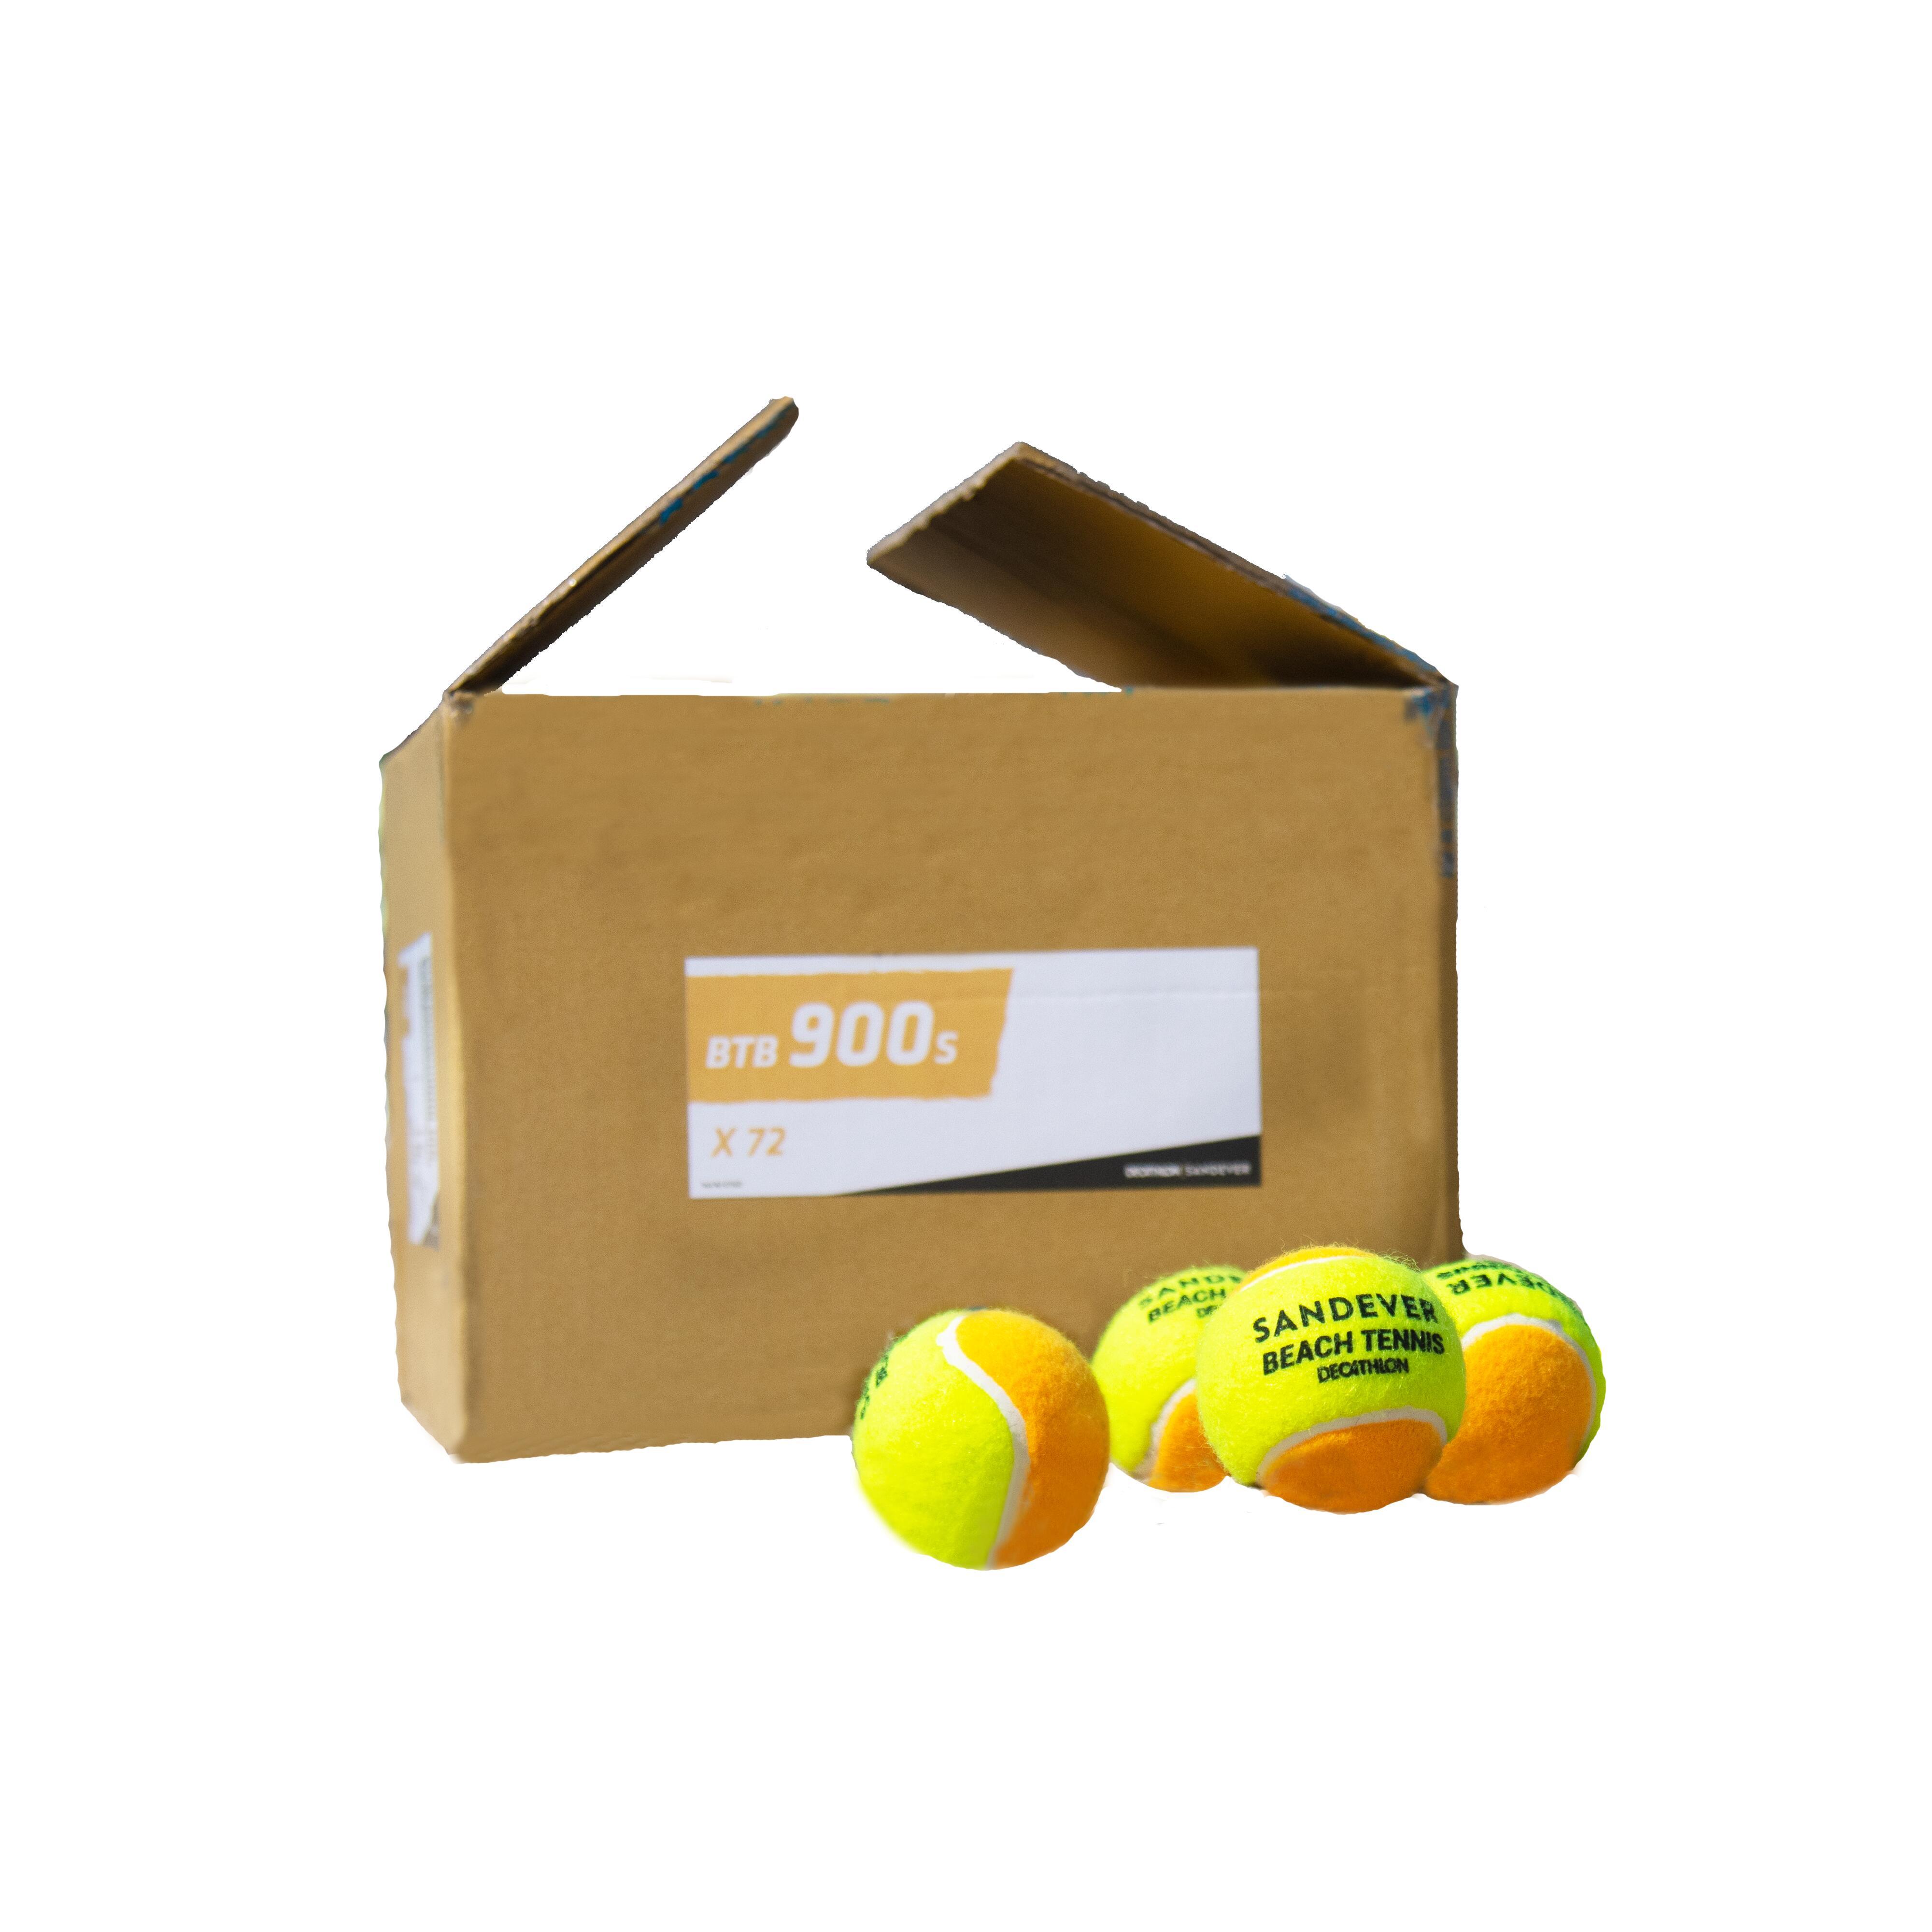 Set Mingi BTB900 S X72